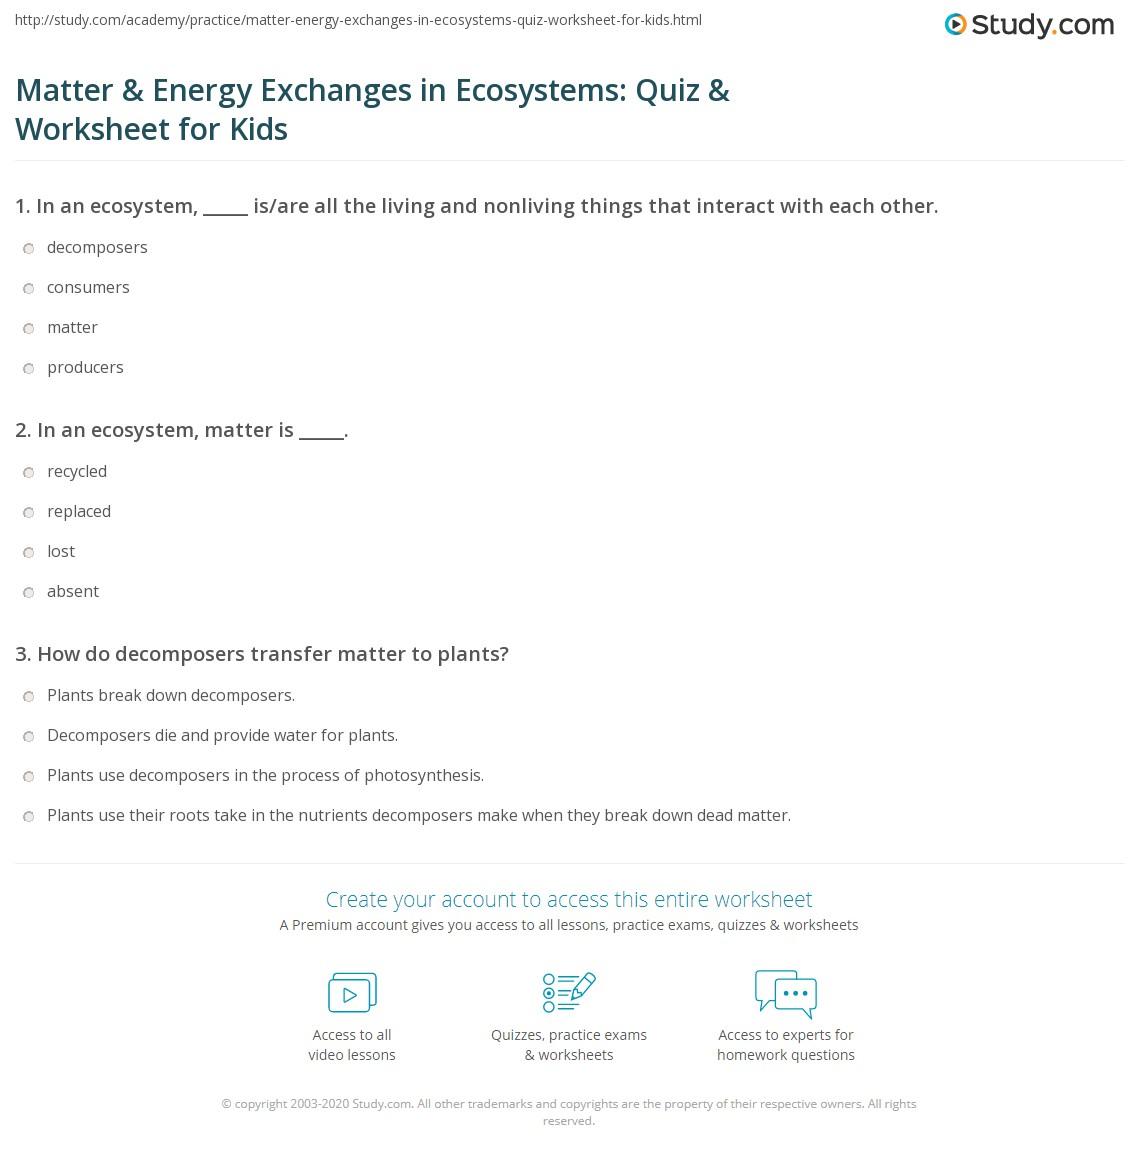 Matter & Energy Exchanges in Ecosystems: Quiz & Worksheet ...